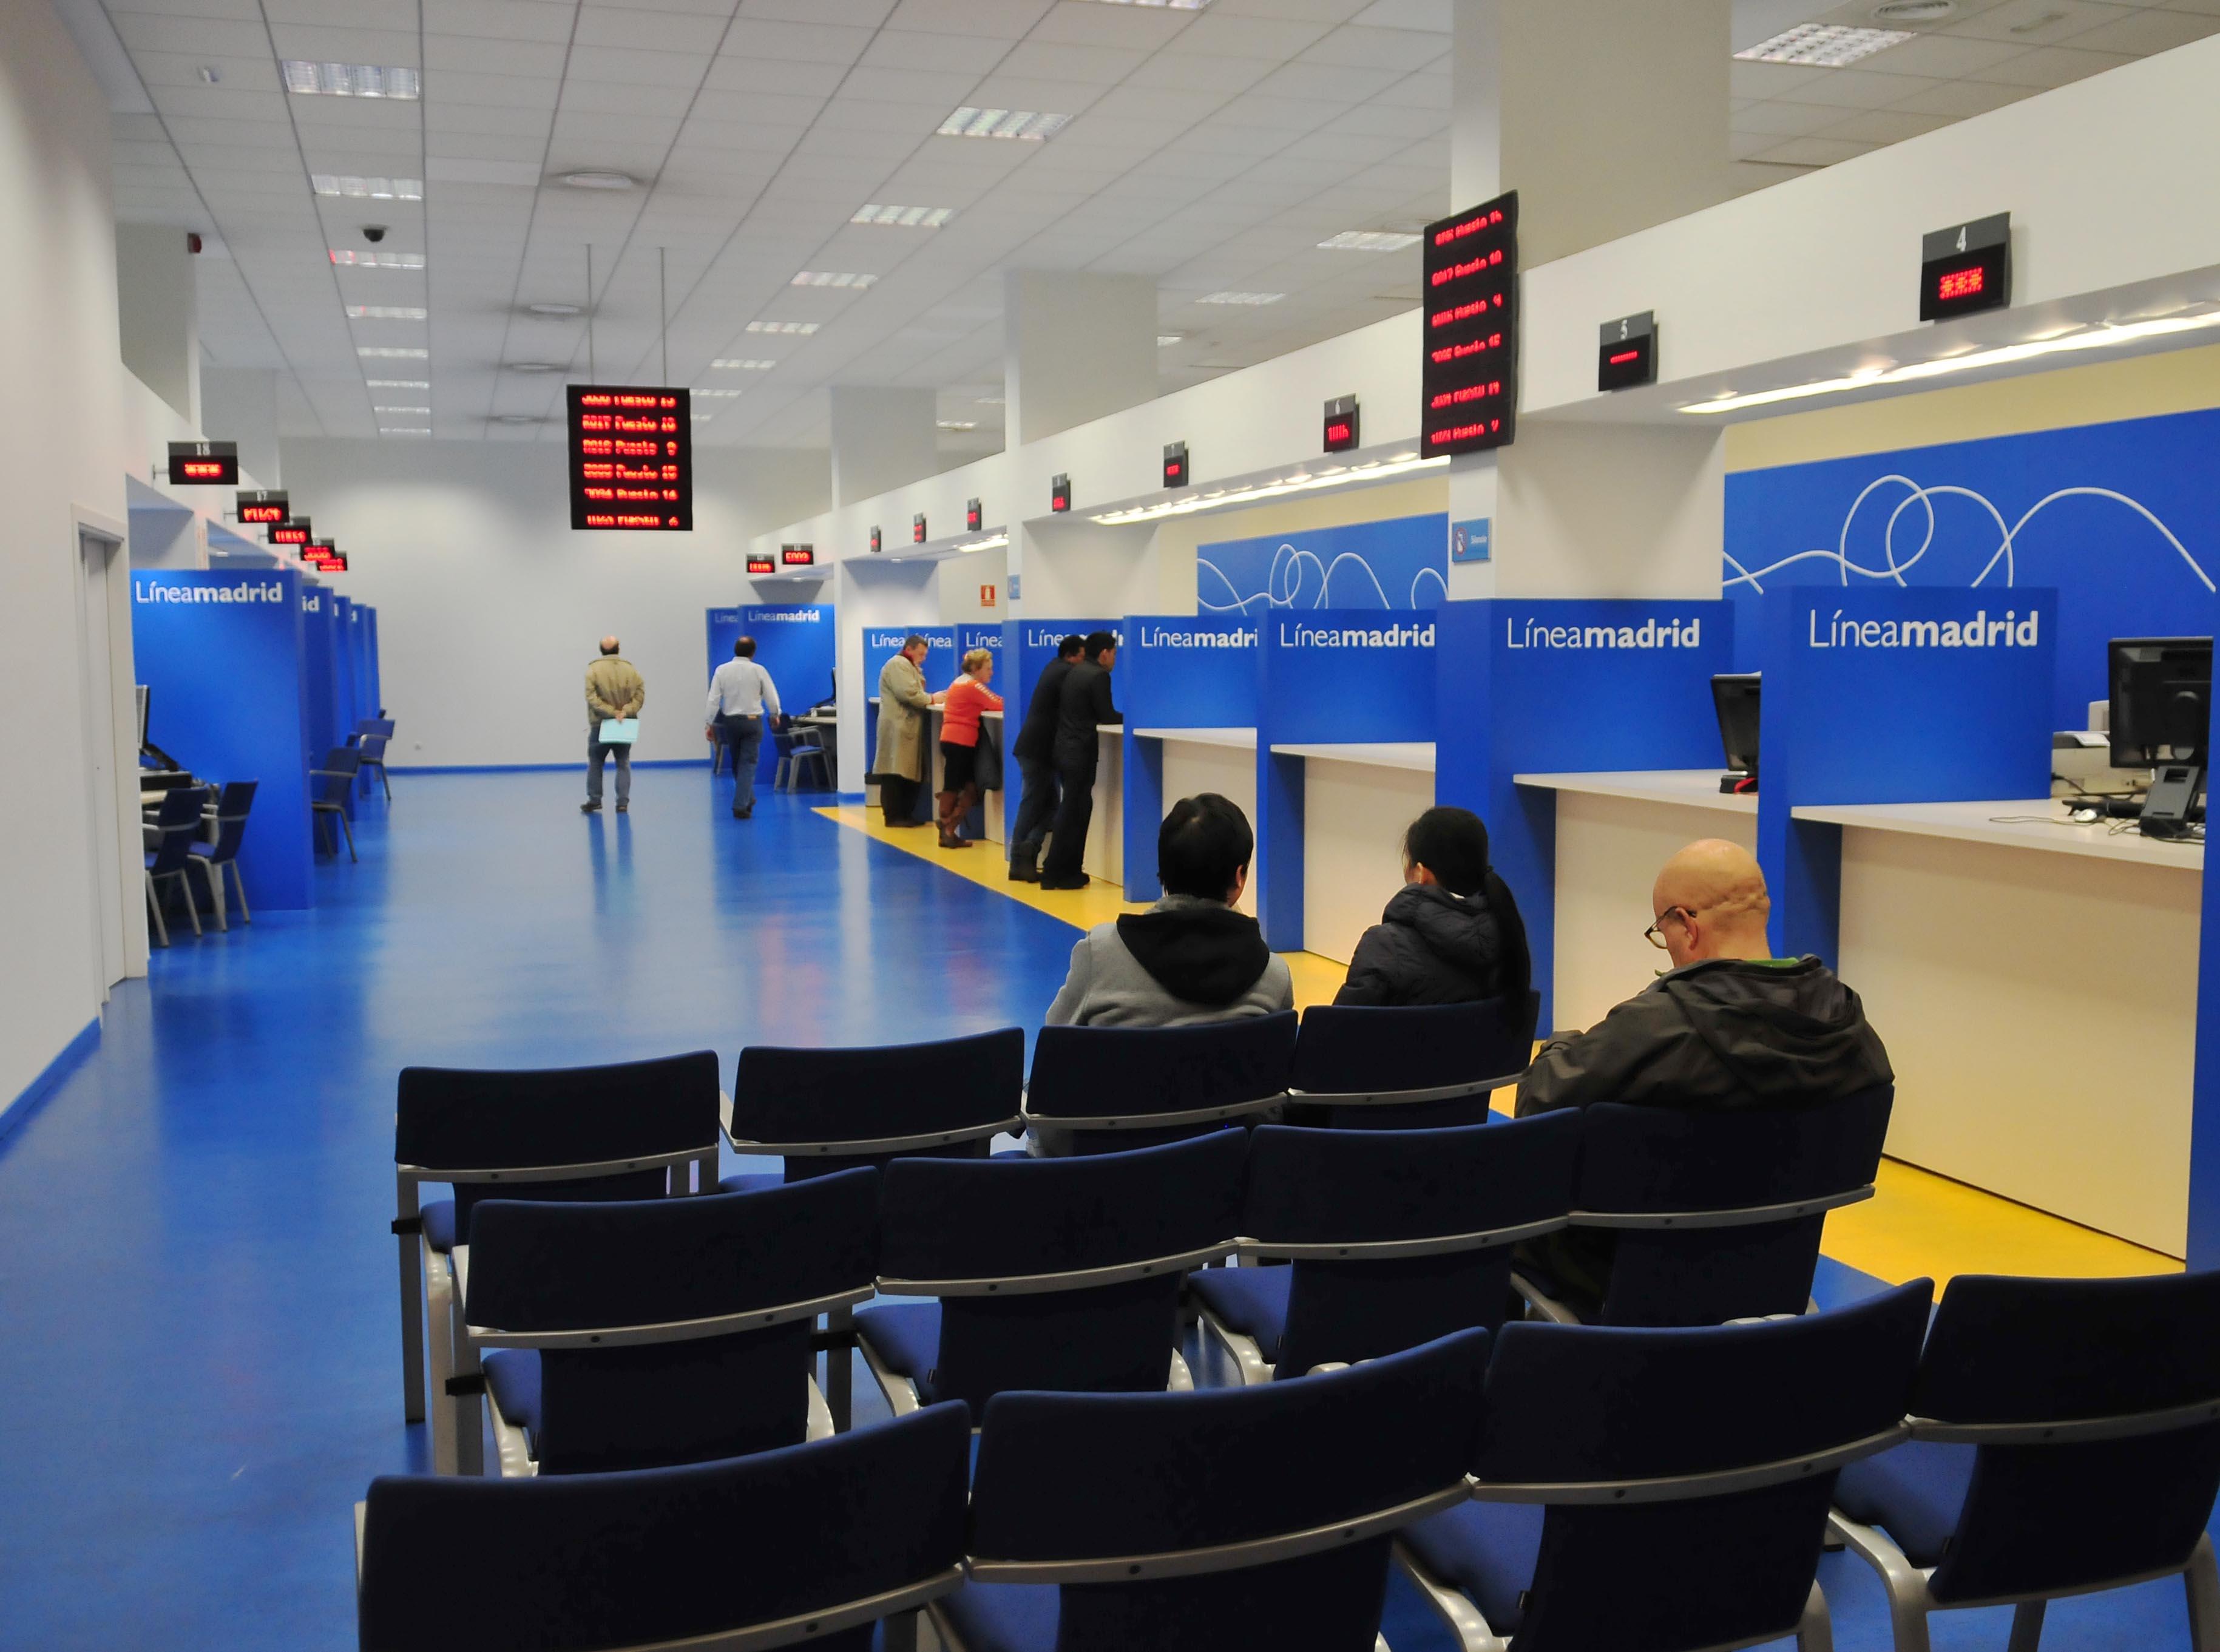 L neamadrid m s atenci n y de mejor calidad en 2011 ayuntamiento de madrid - Oficinas de atencion a la ciudadania linea madrid ...